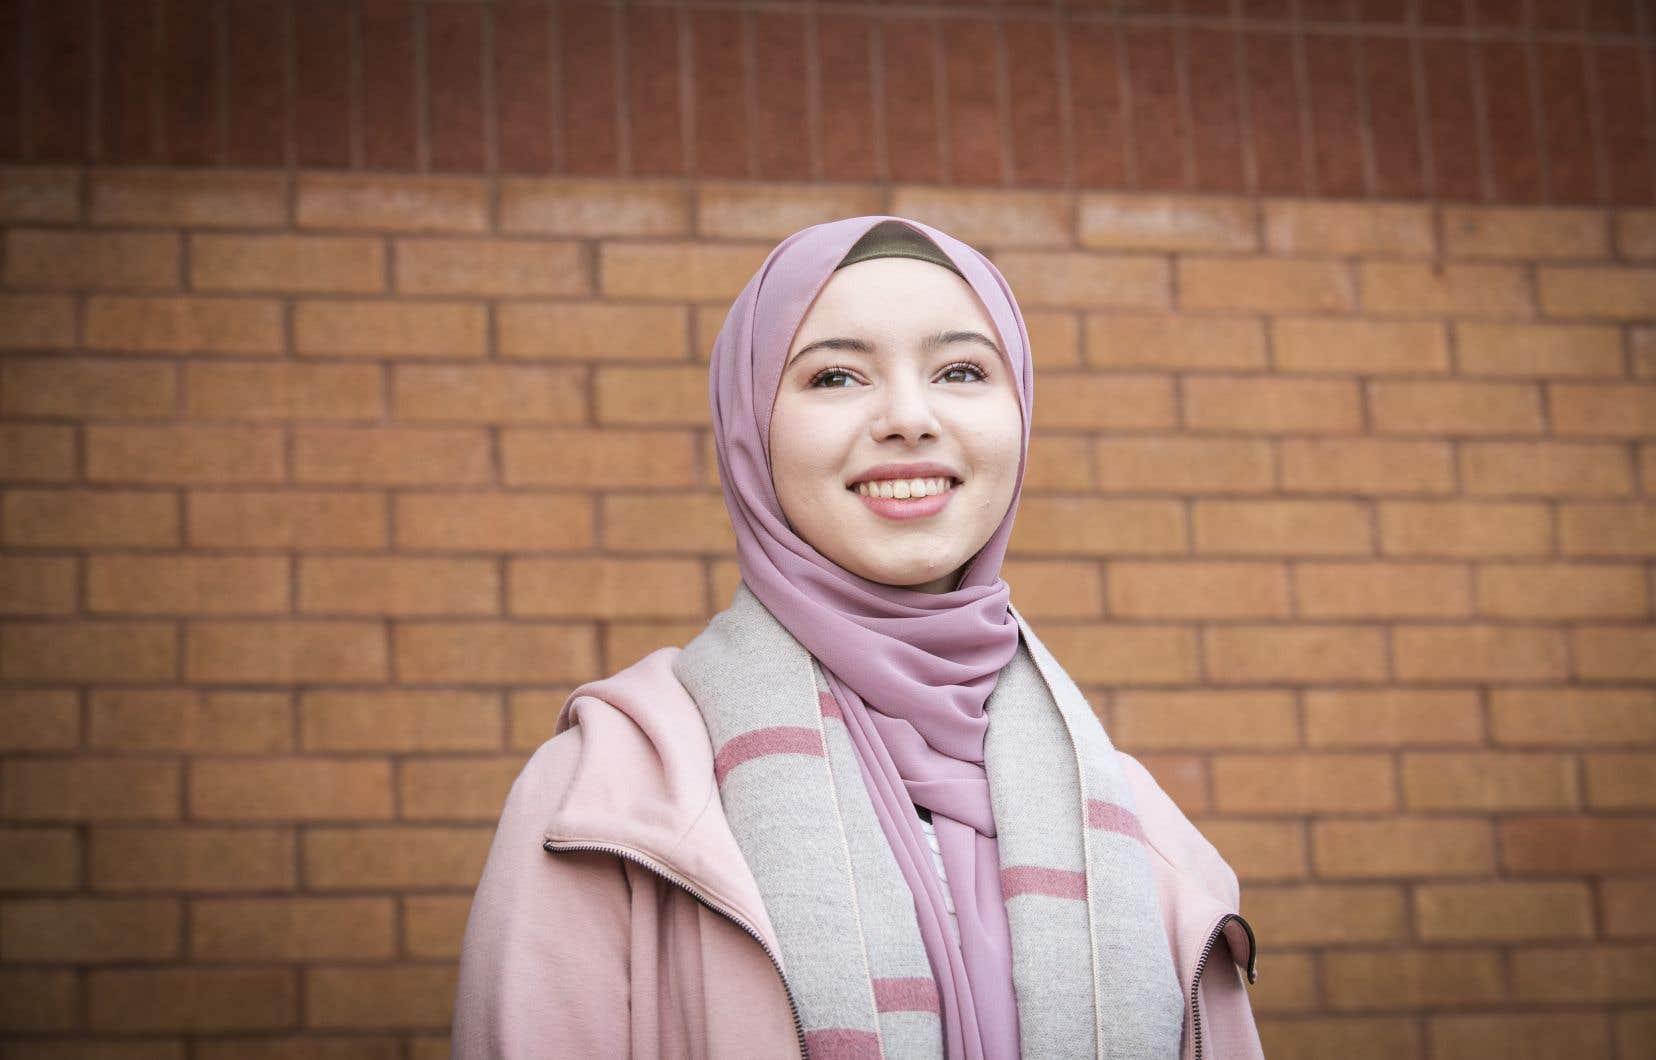 Arrivée au Québec à six ans sans savoir parler français, Kamir Roufia Aissoub a remporté la troisième place lors de la finale, lundi dernier, du concours d'éloquence organisé par le Bureau de la valorisation de la langue française et de la francophonie de l'Université de Montréal.